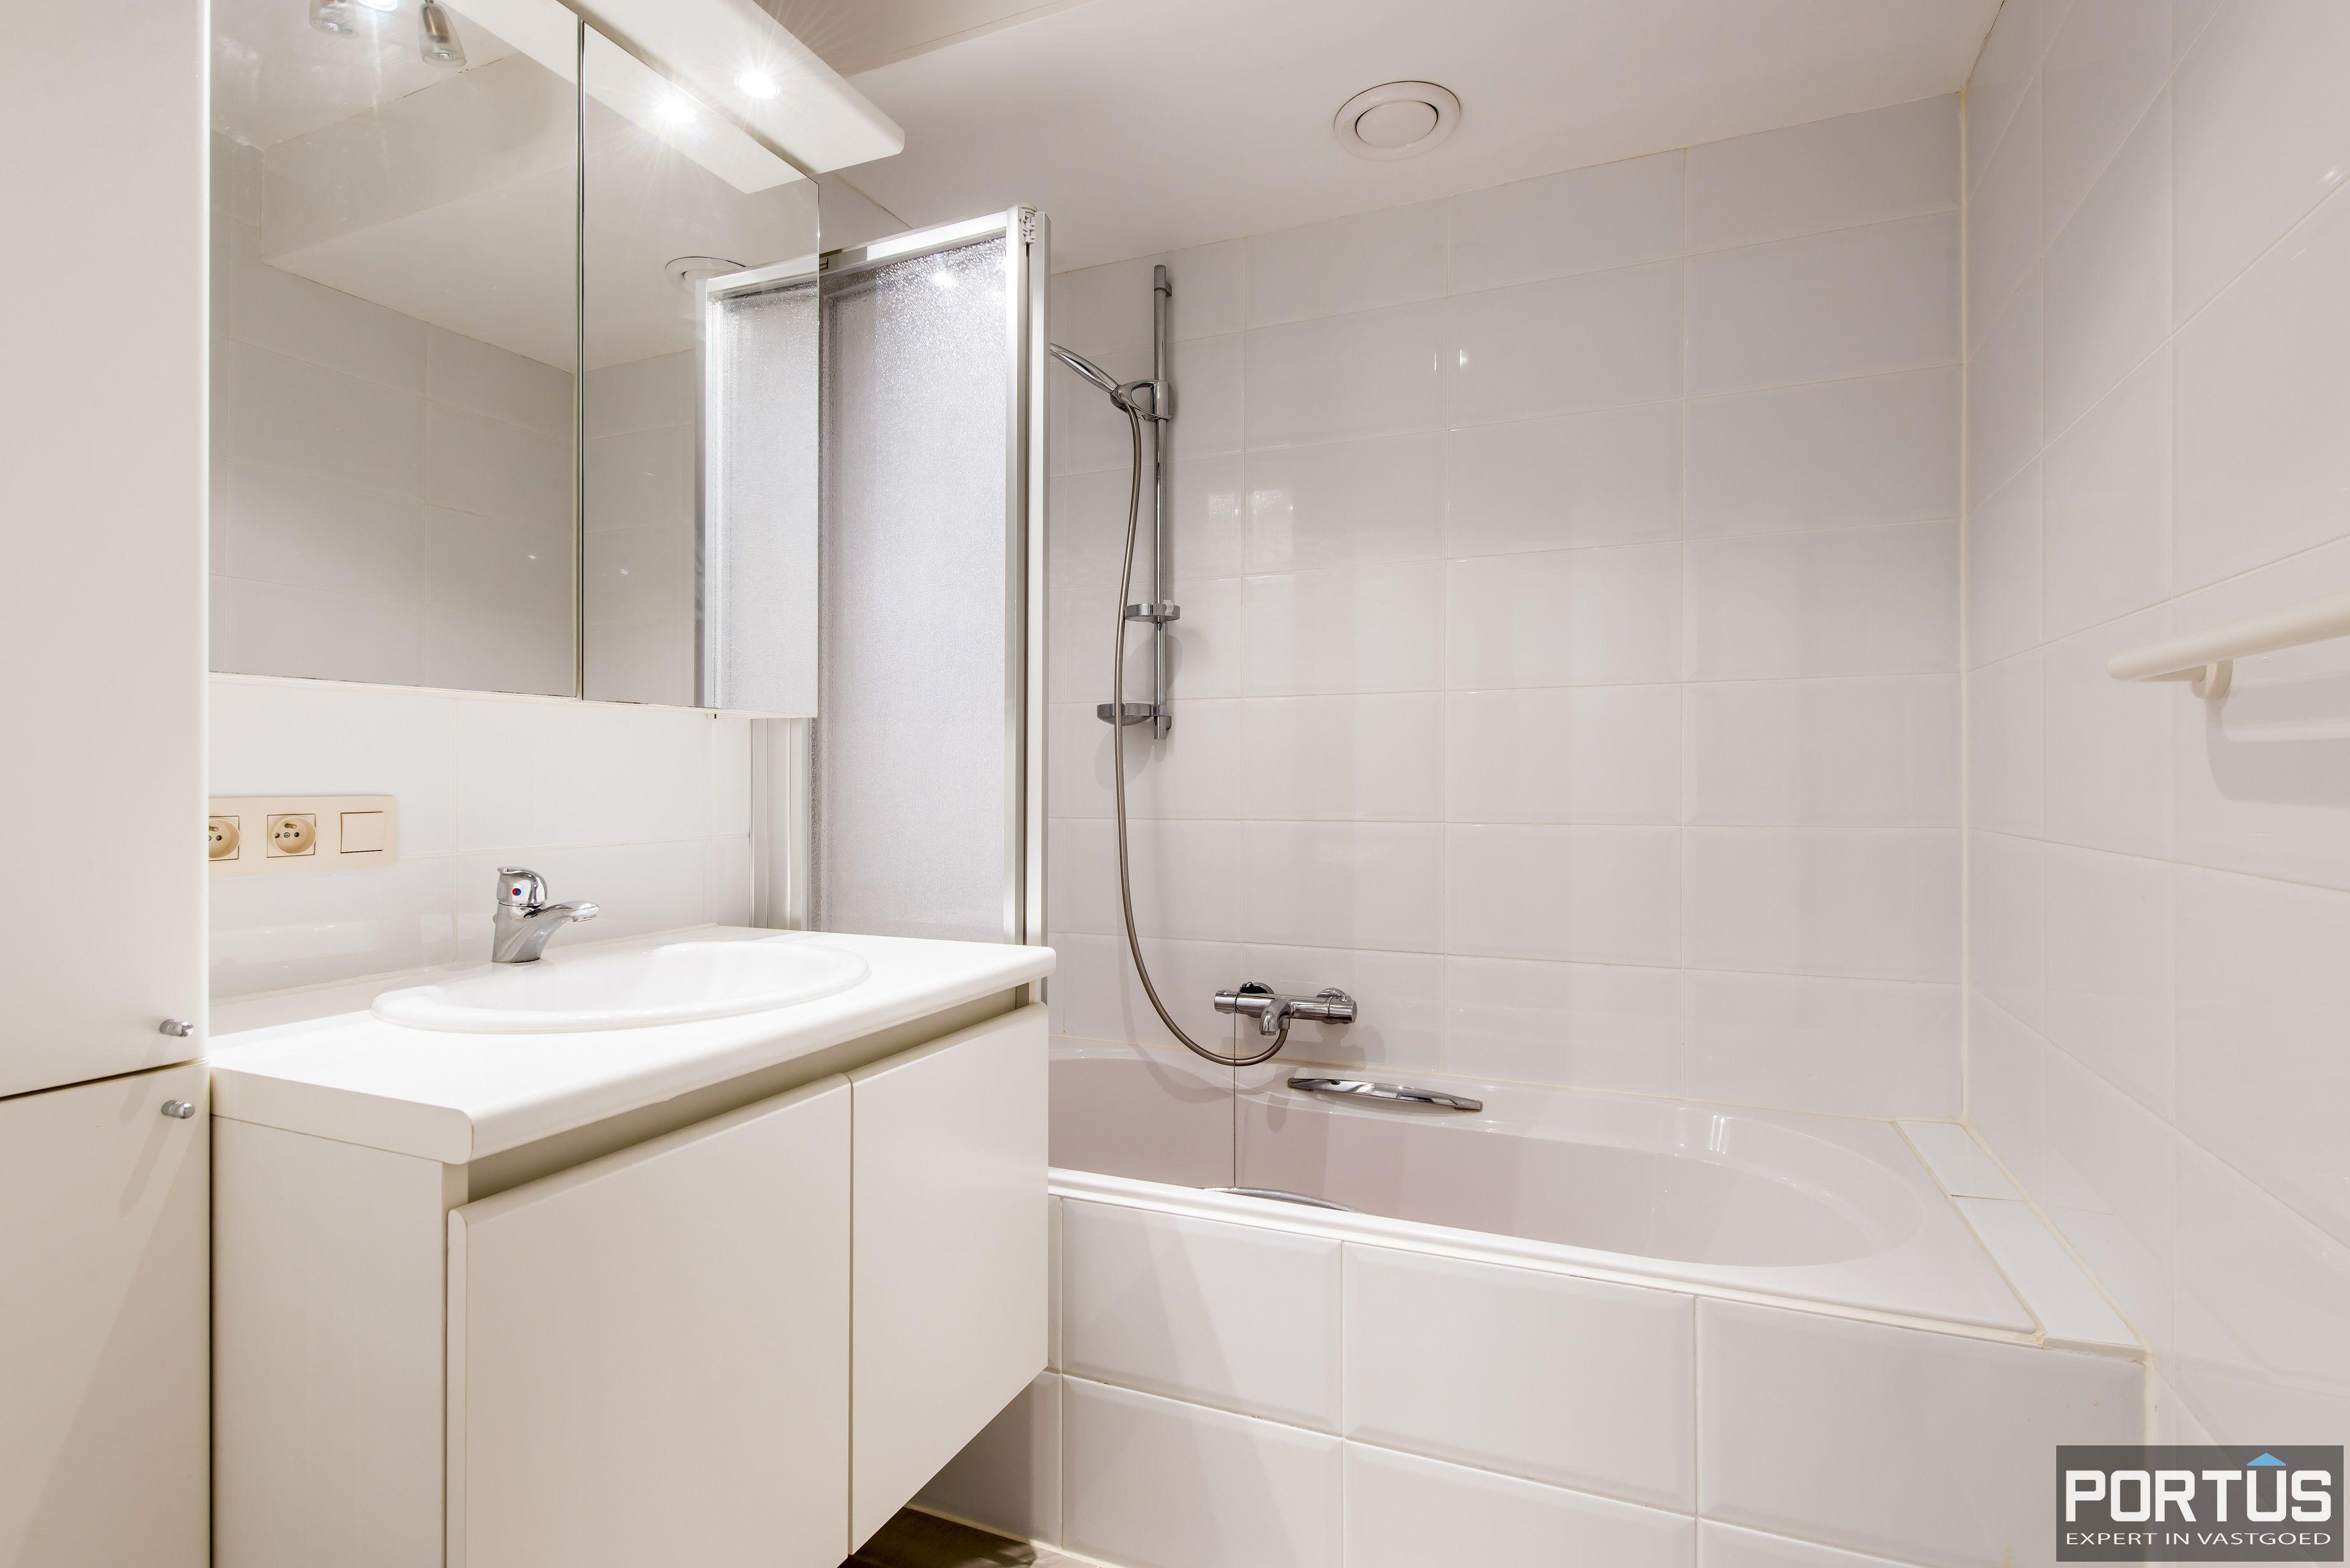 Instapklaar gelijkvloers appartement met 2 slaapkamers te huur te Nieuwpoort  - 11737